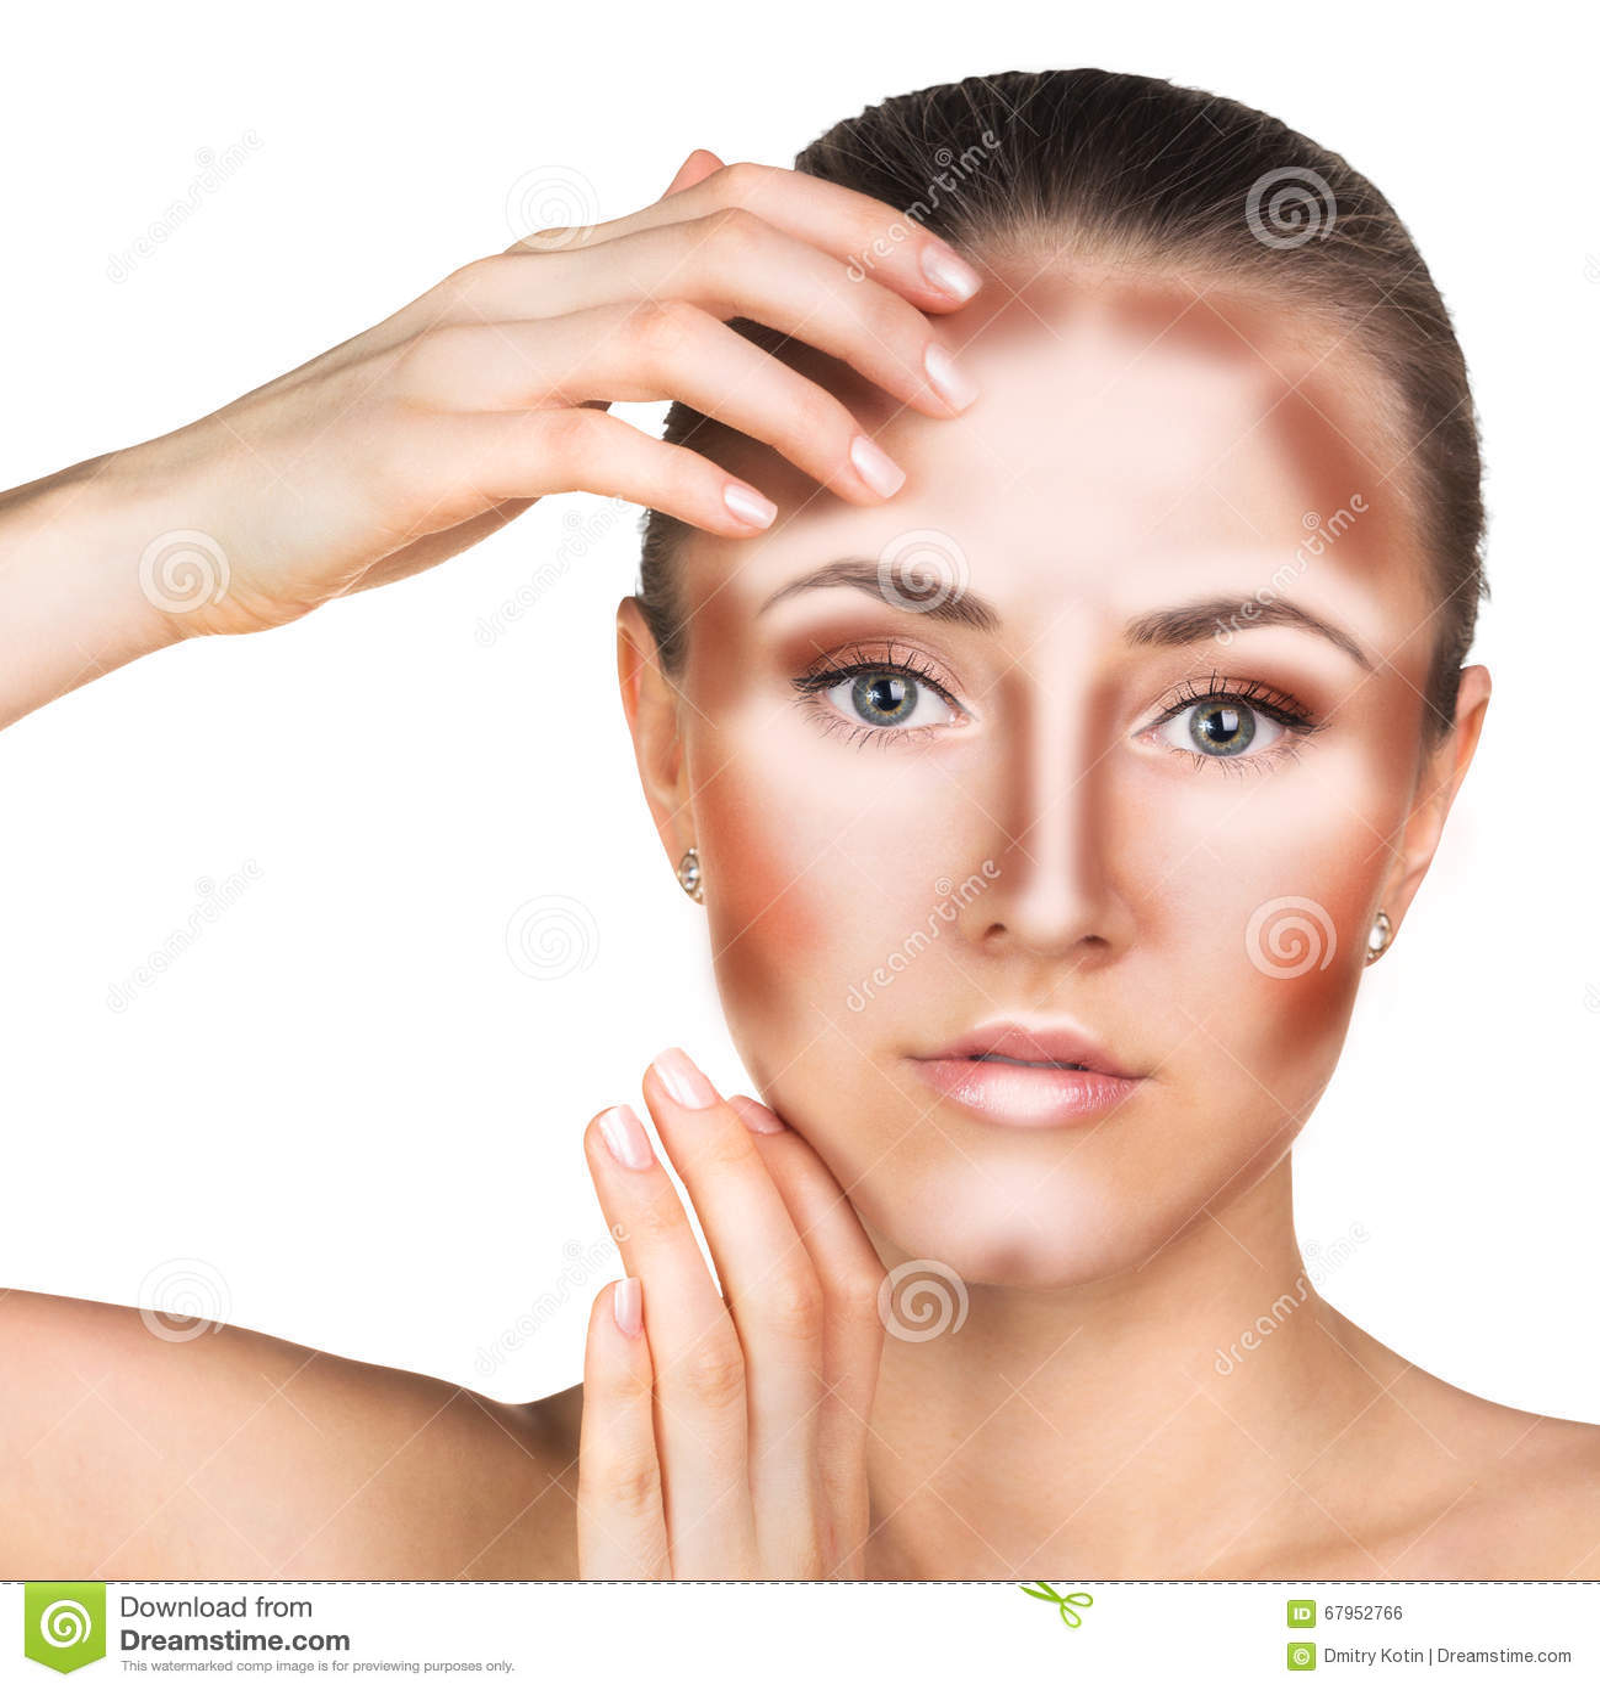 Make Up Woman Face. Contour And Highlight Makeup. Stock Photo ...